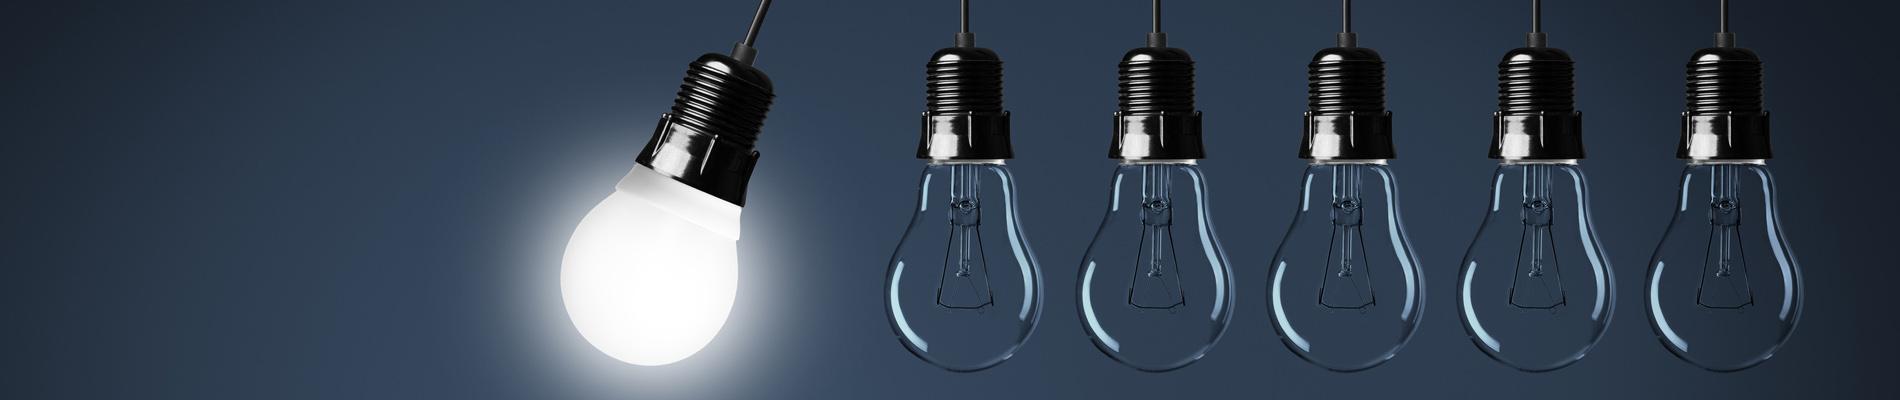 Alignement d'ampoules illuminées par Ampère Michaut, entreprise d'électricité générale